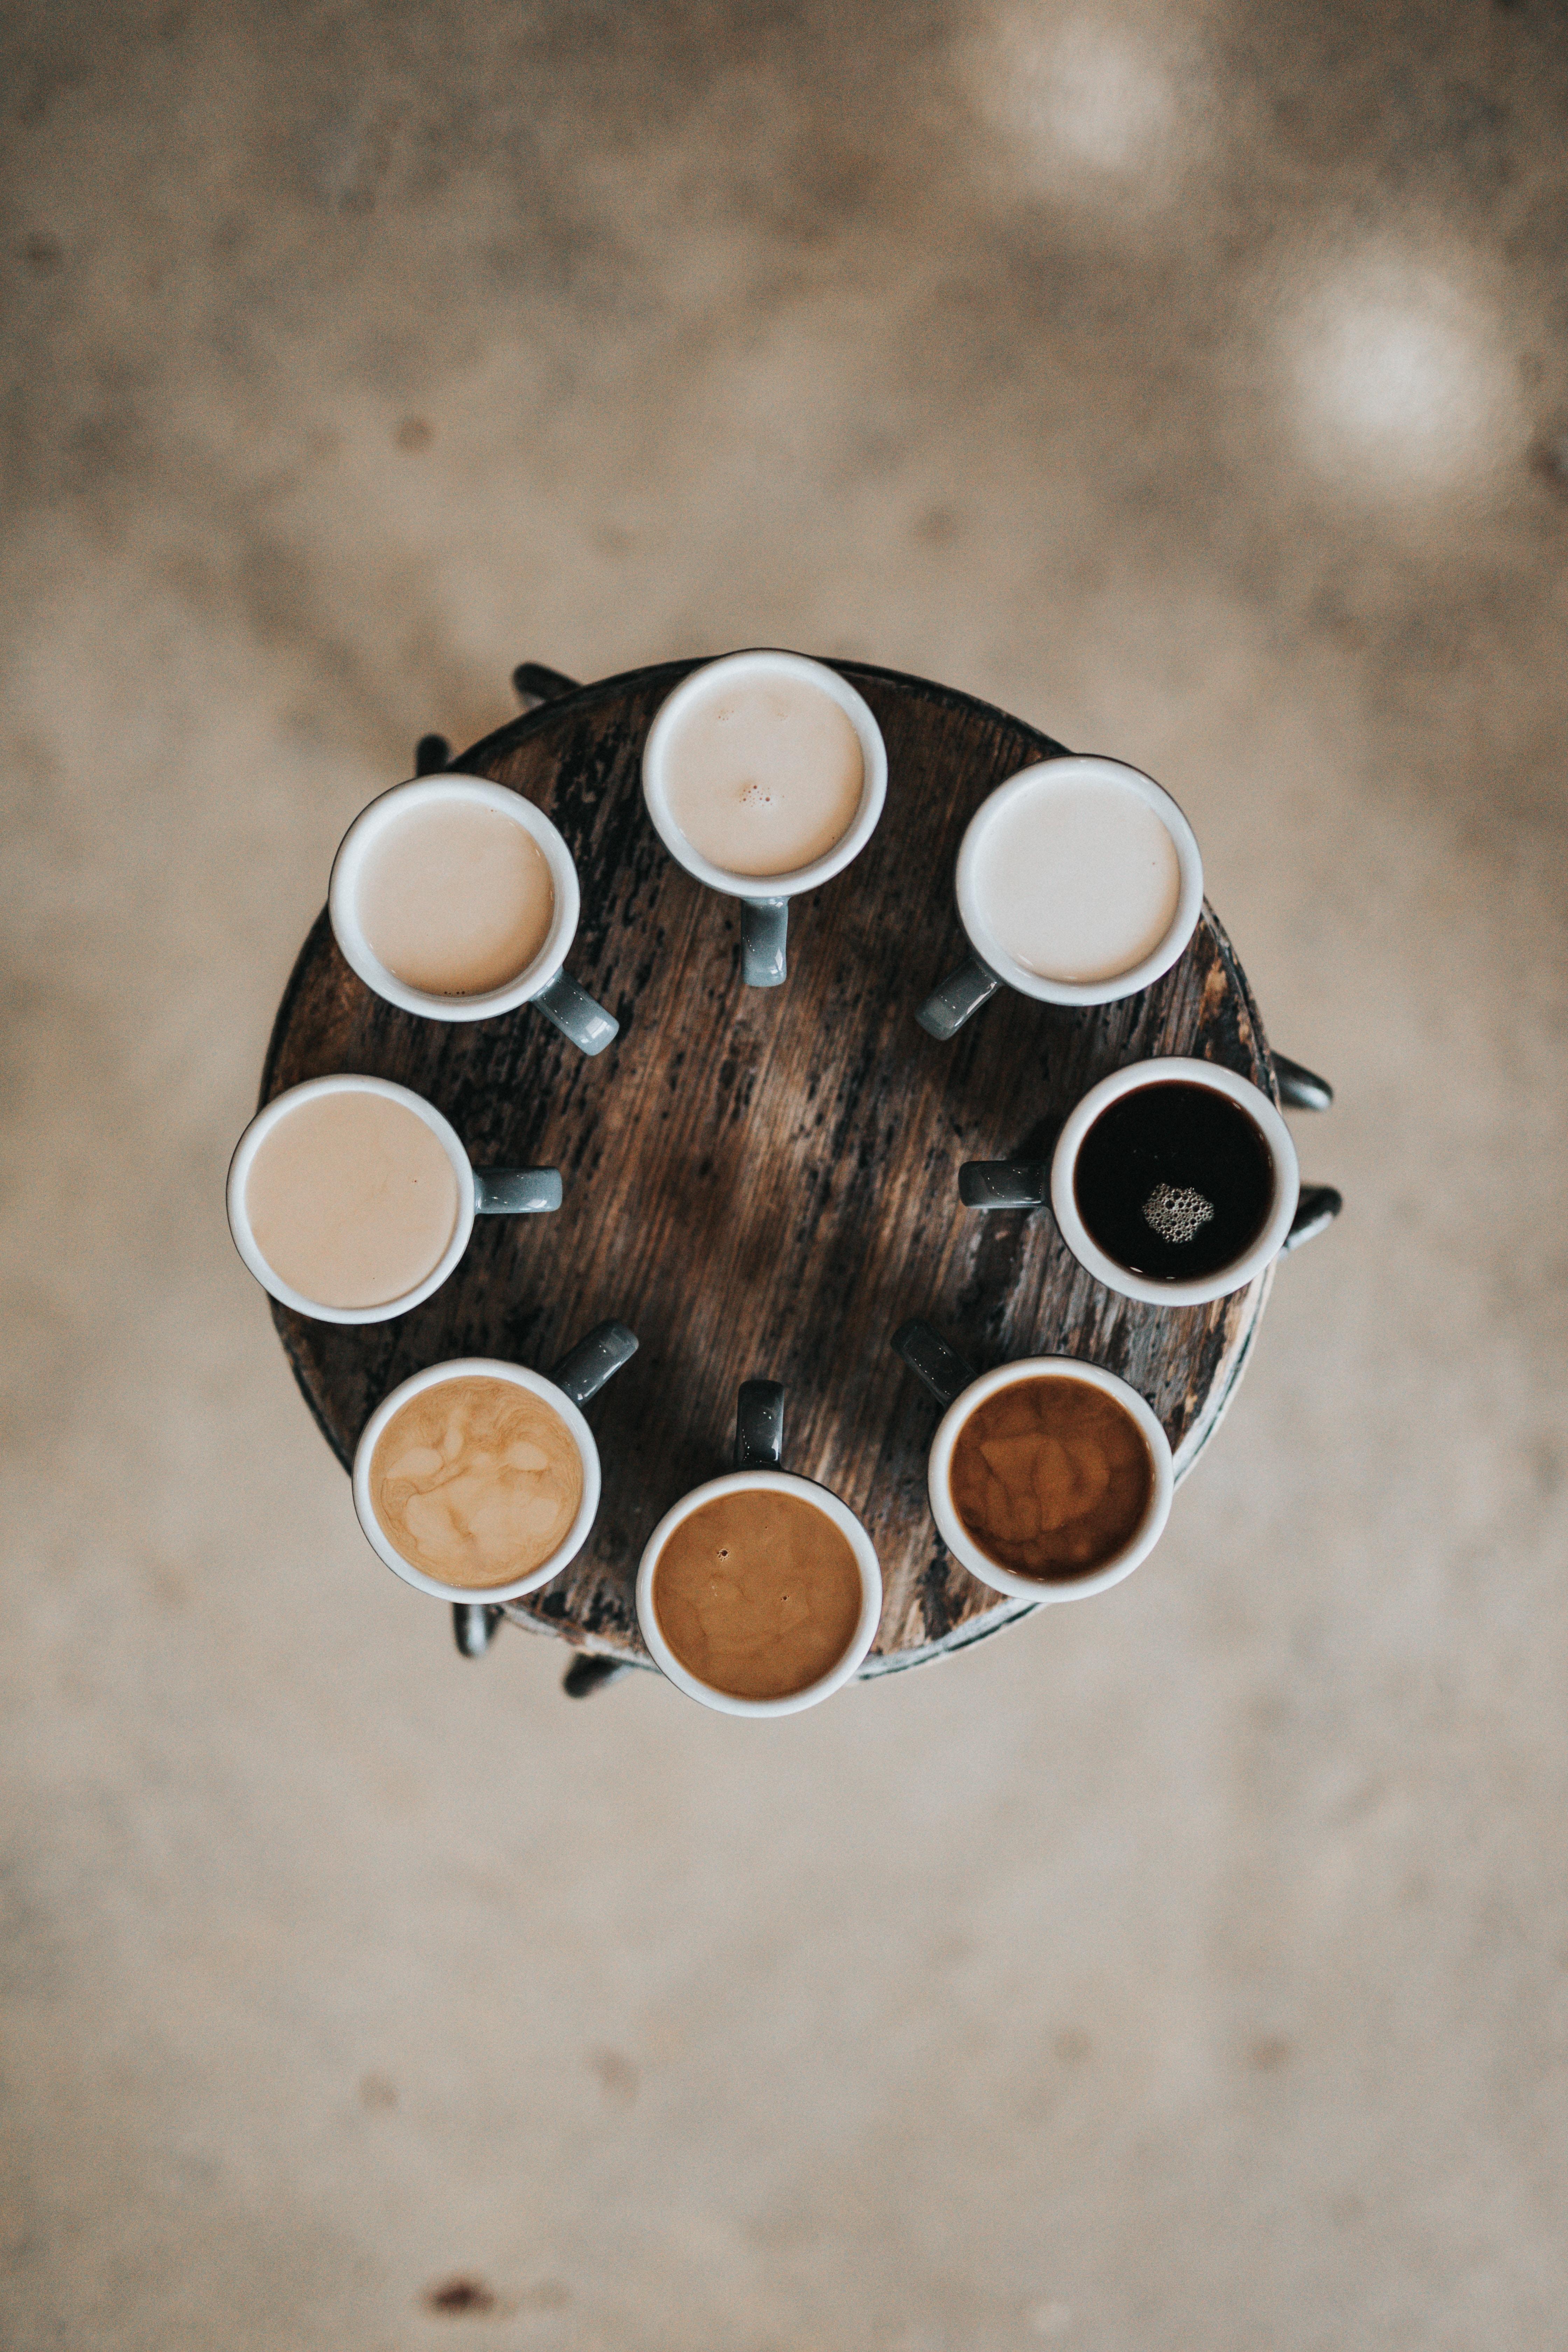 Danke © Nathan Dumlao: Am runden Tisch kommen alle Farben zur Wirkung.